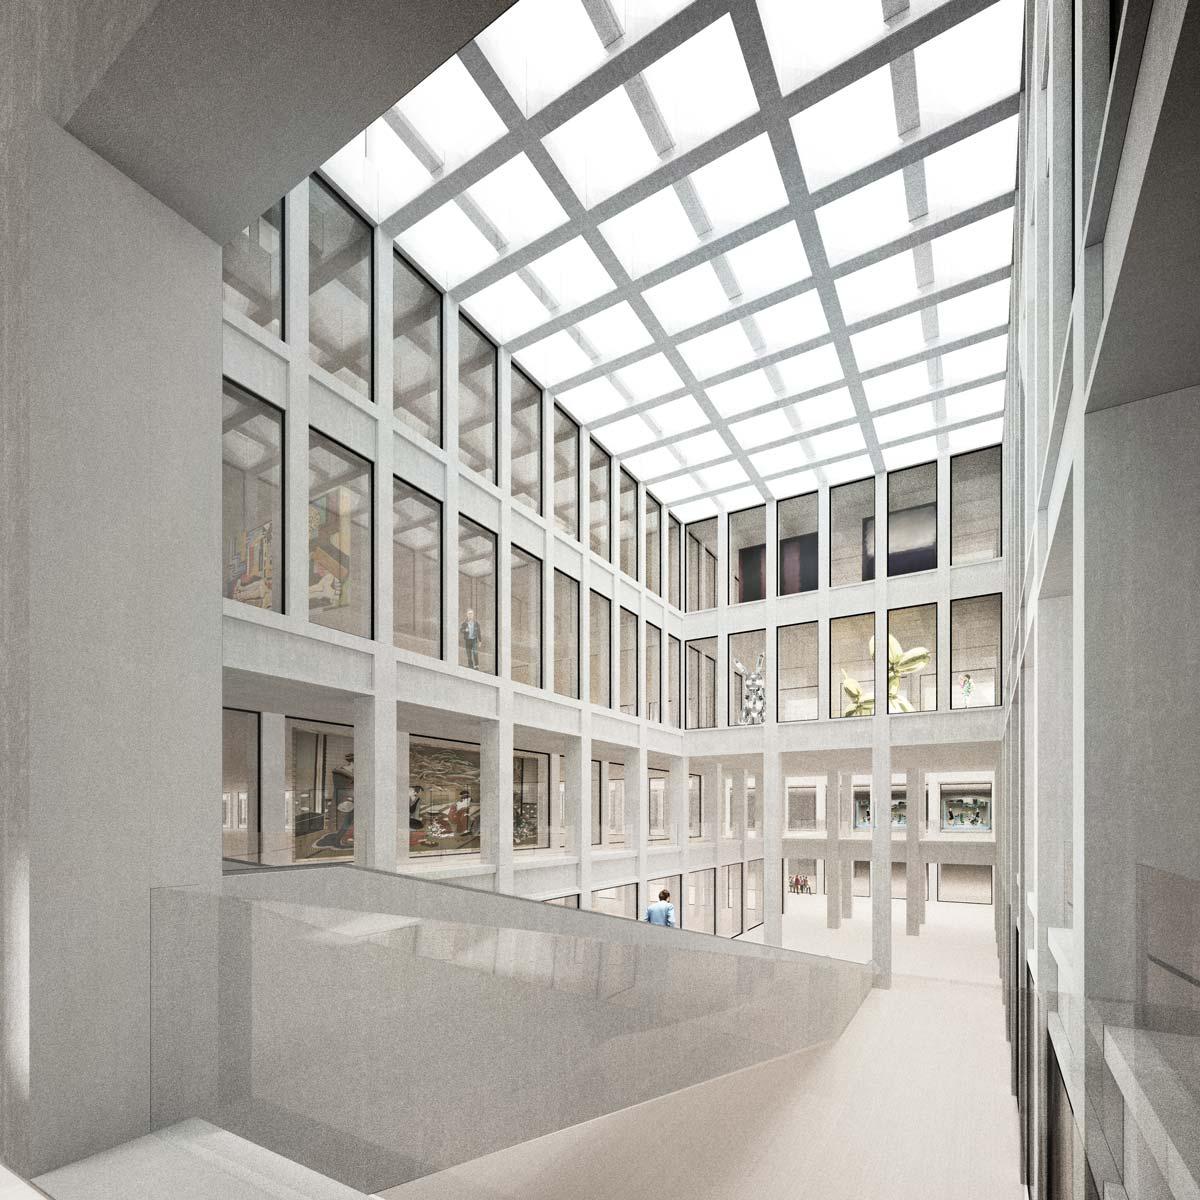 Alessandro costanza architetto architettura di interni for Architetto di interni roma